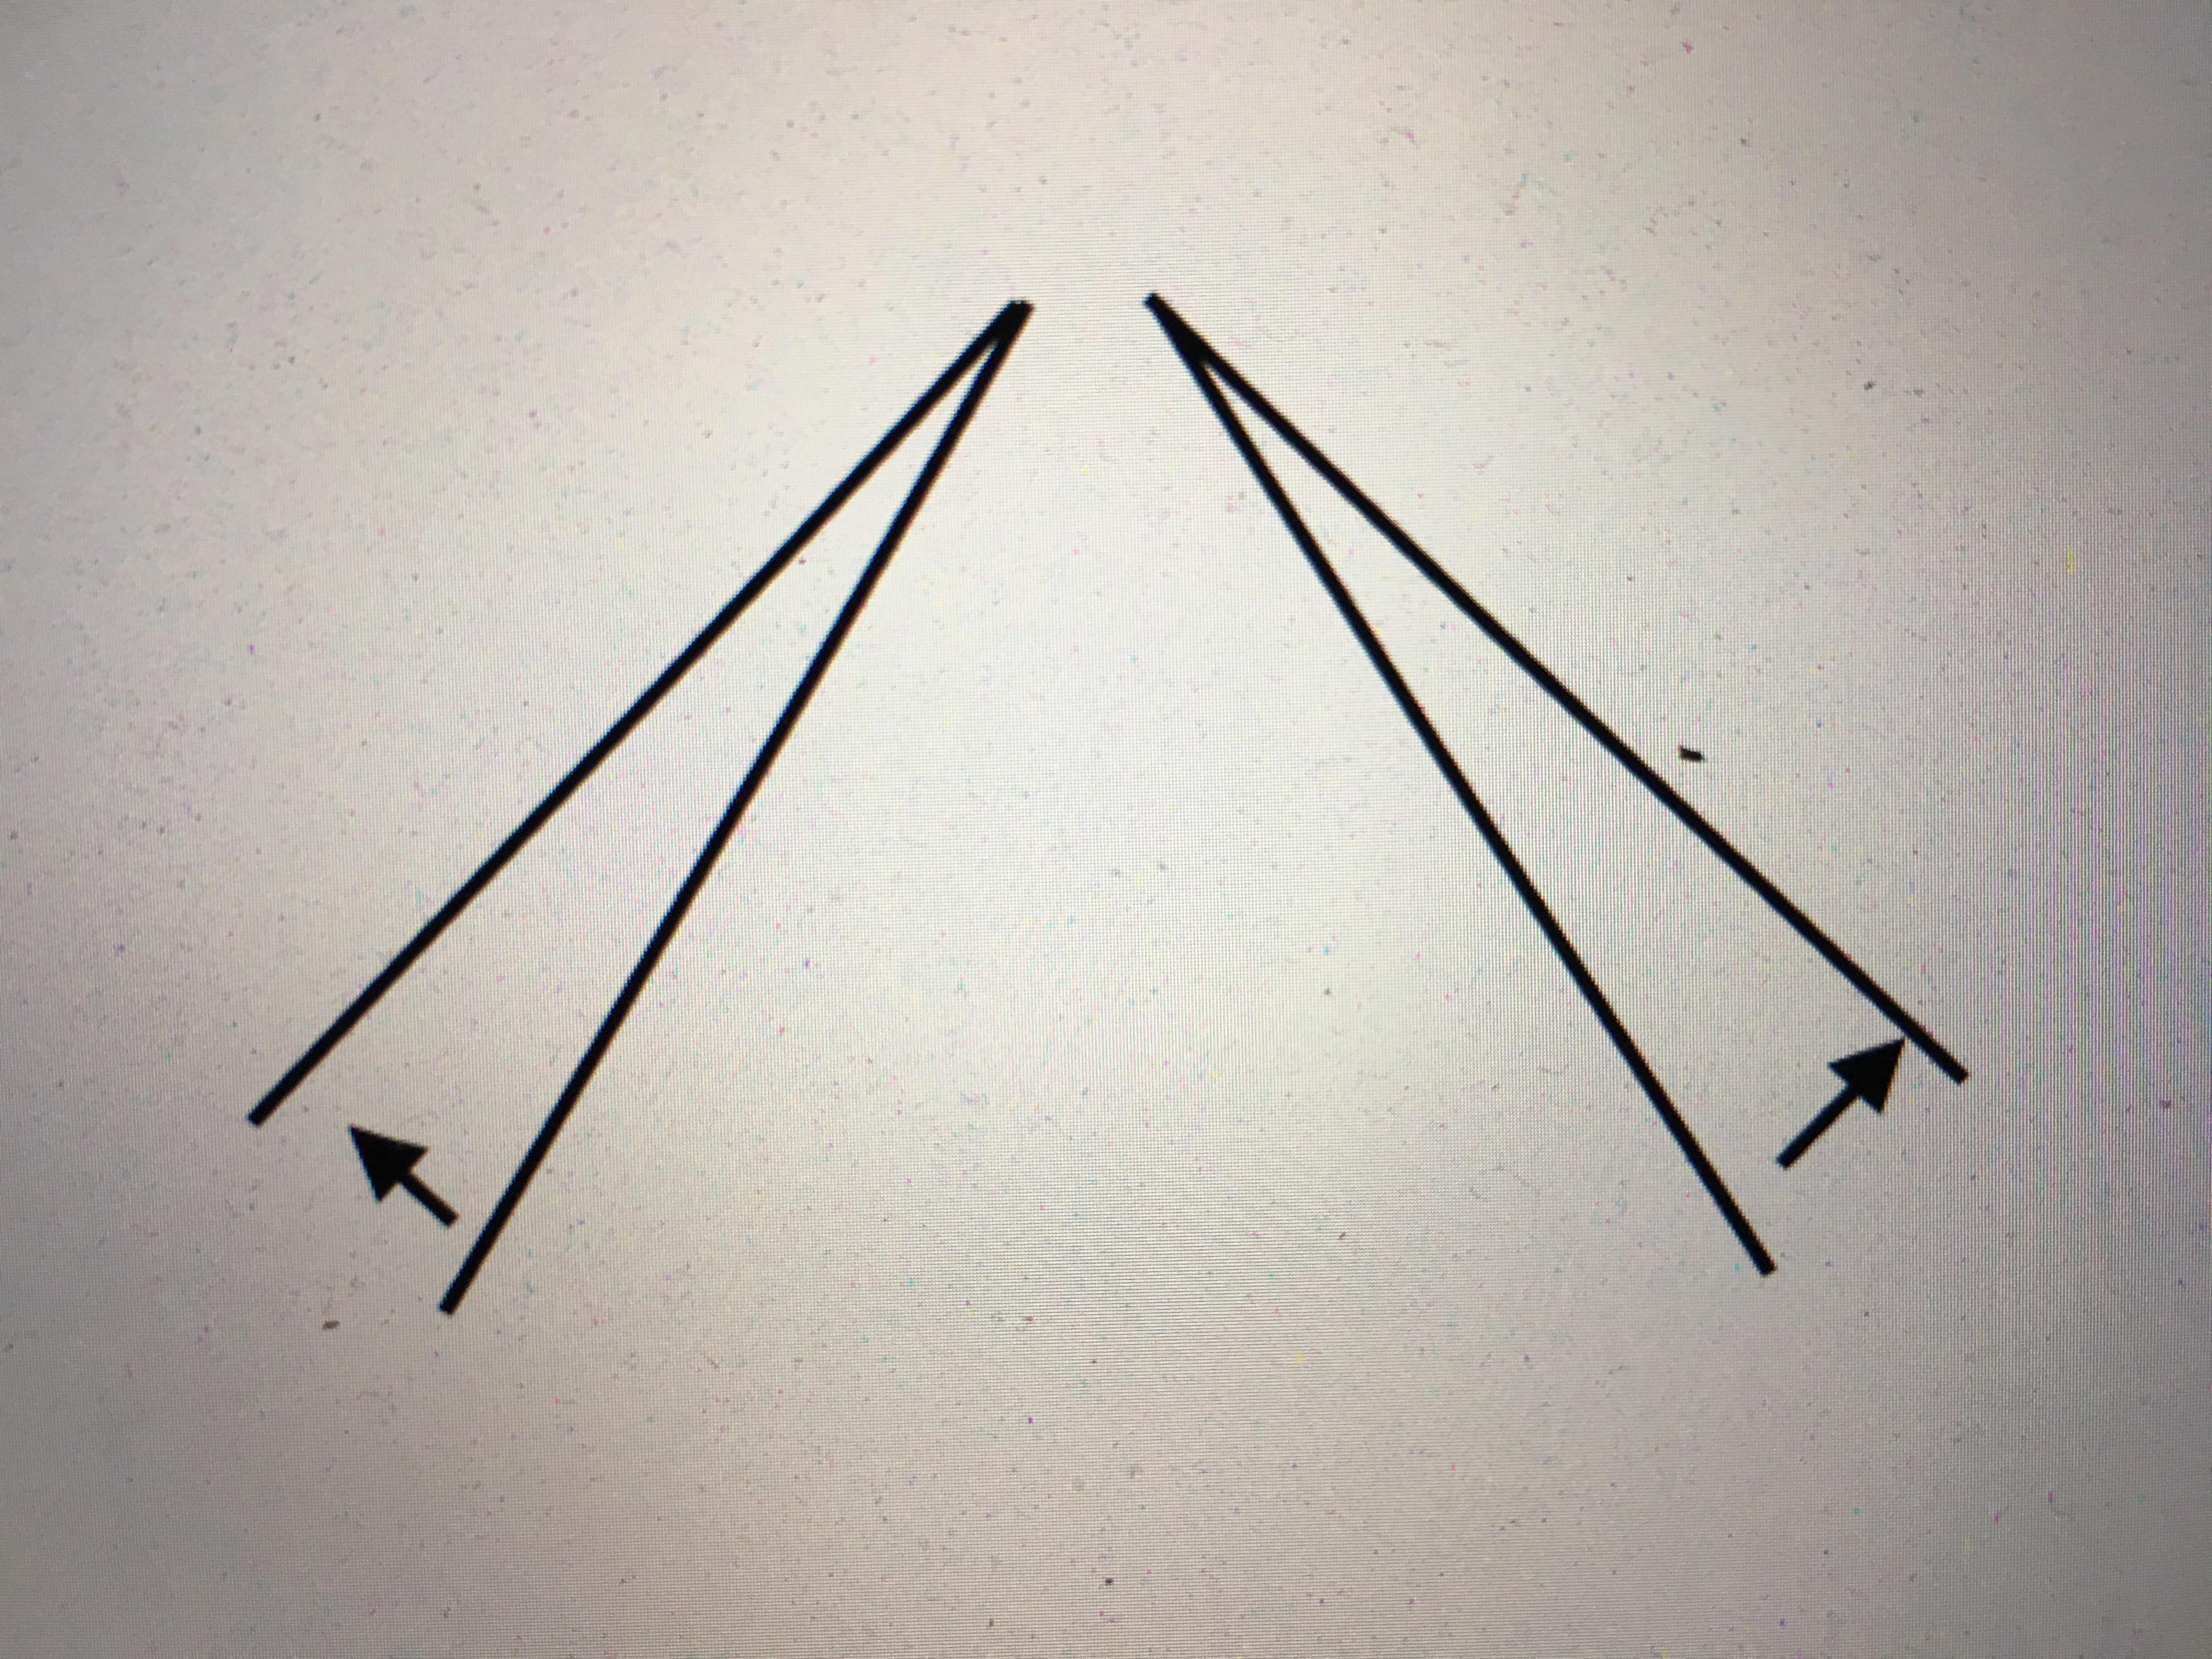 Traditionelle sadler har ofte et kopjern formet som et omvendt V. Skal bredden ændres, ændres hele vinklen på kopjernet. Hvis sadlen kun kan ændres i vinklen af kopjernet, så vil sadlen blive for bred i bunden af kopjernet. Dette vil medføre tryk punkter øverst på skulder musklen.